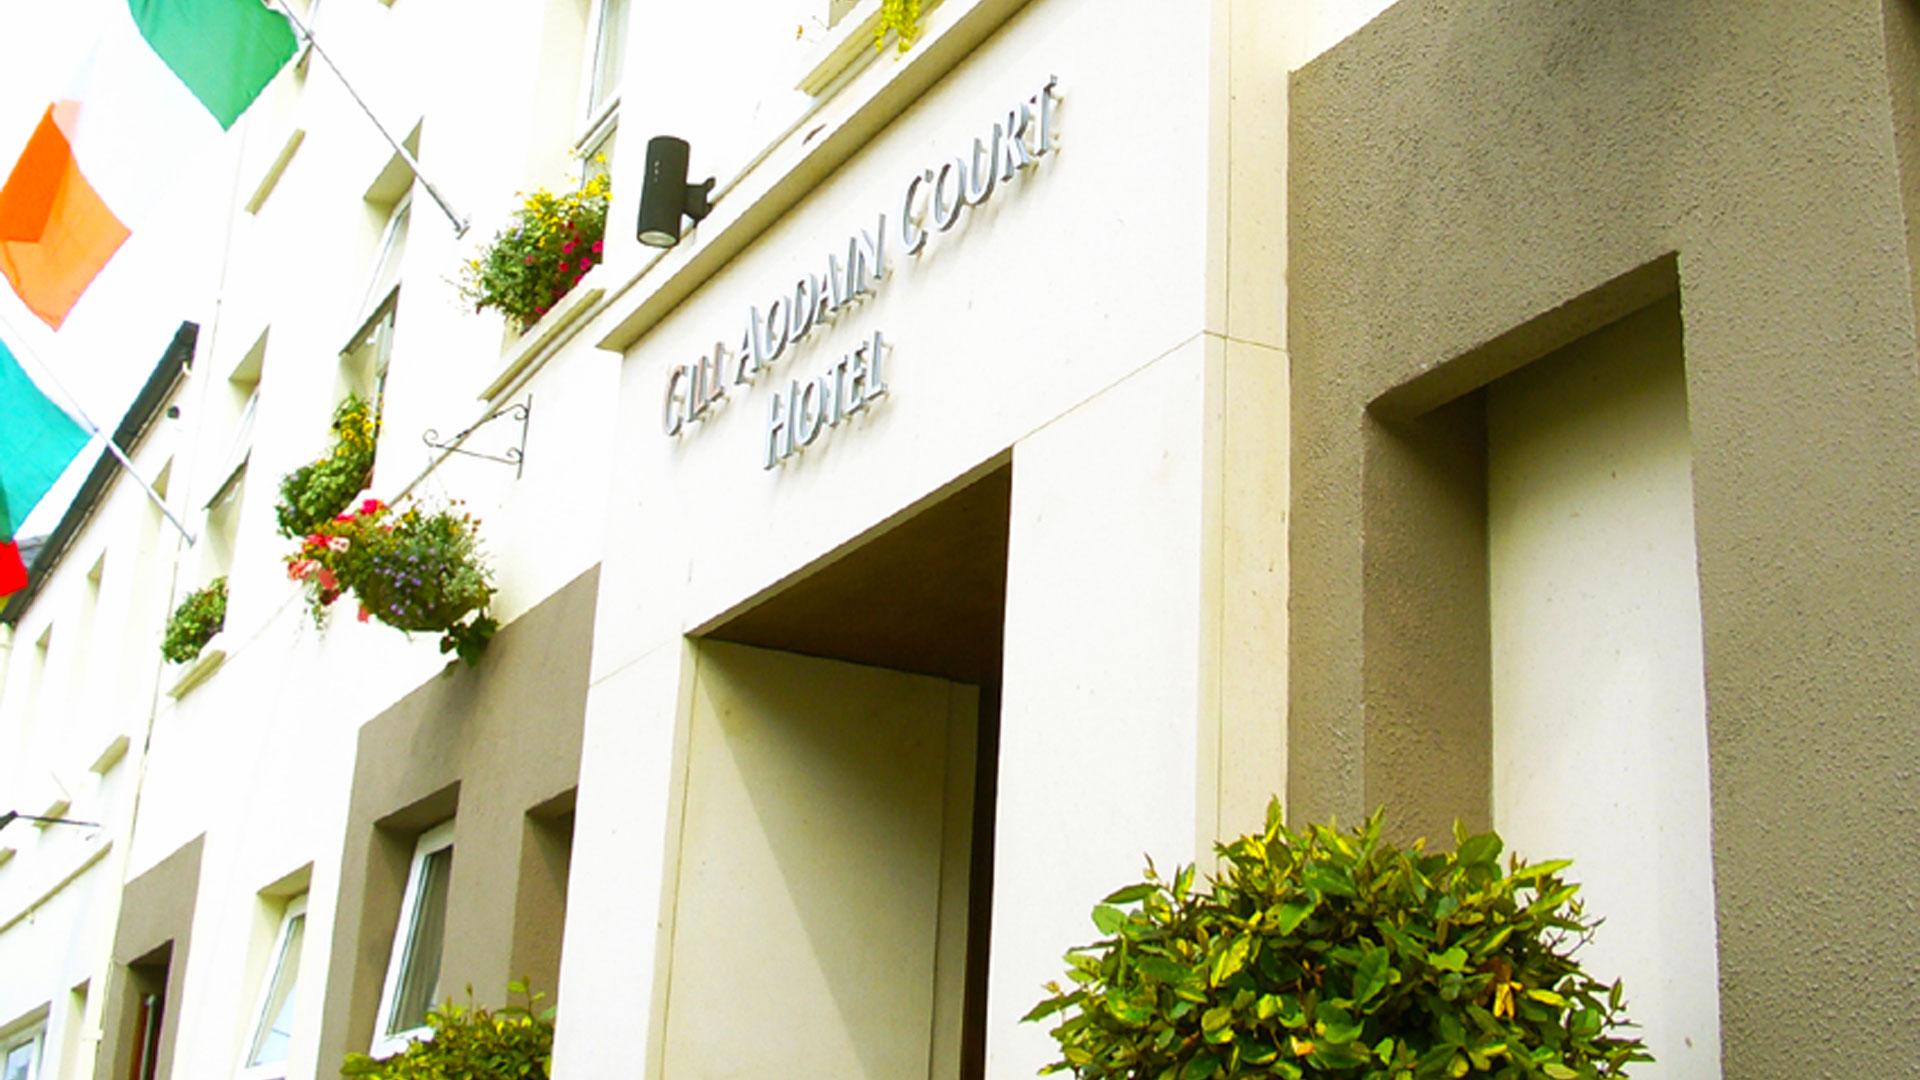 Cill Aodain Hotel, Kiltimagh, Co. Mayo